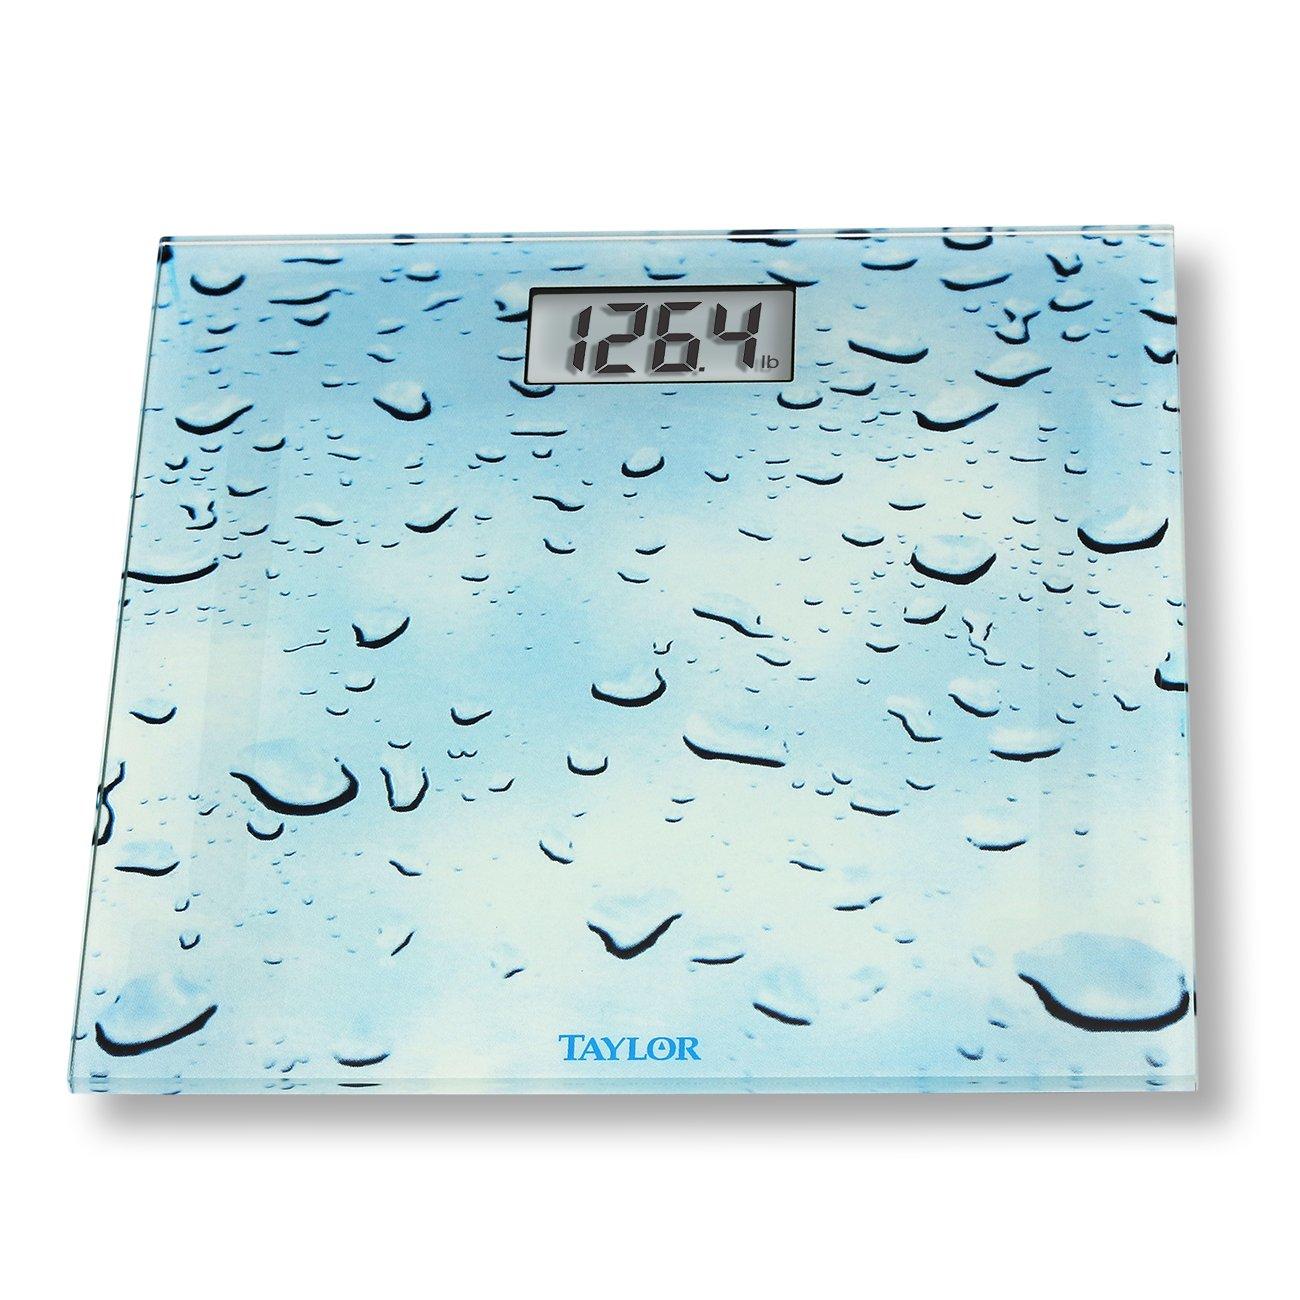 Taylor 755841034WD Glass Digital Bath Scale